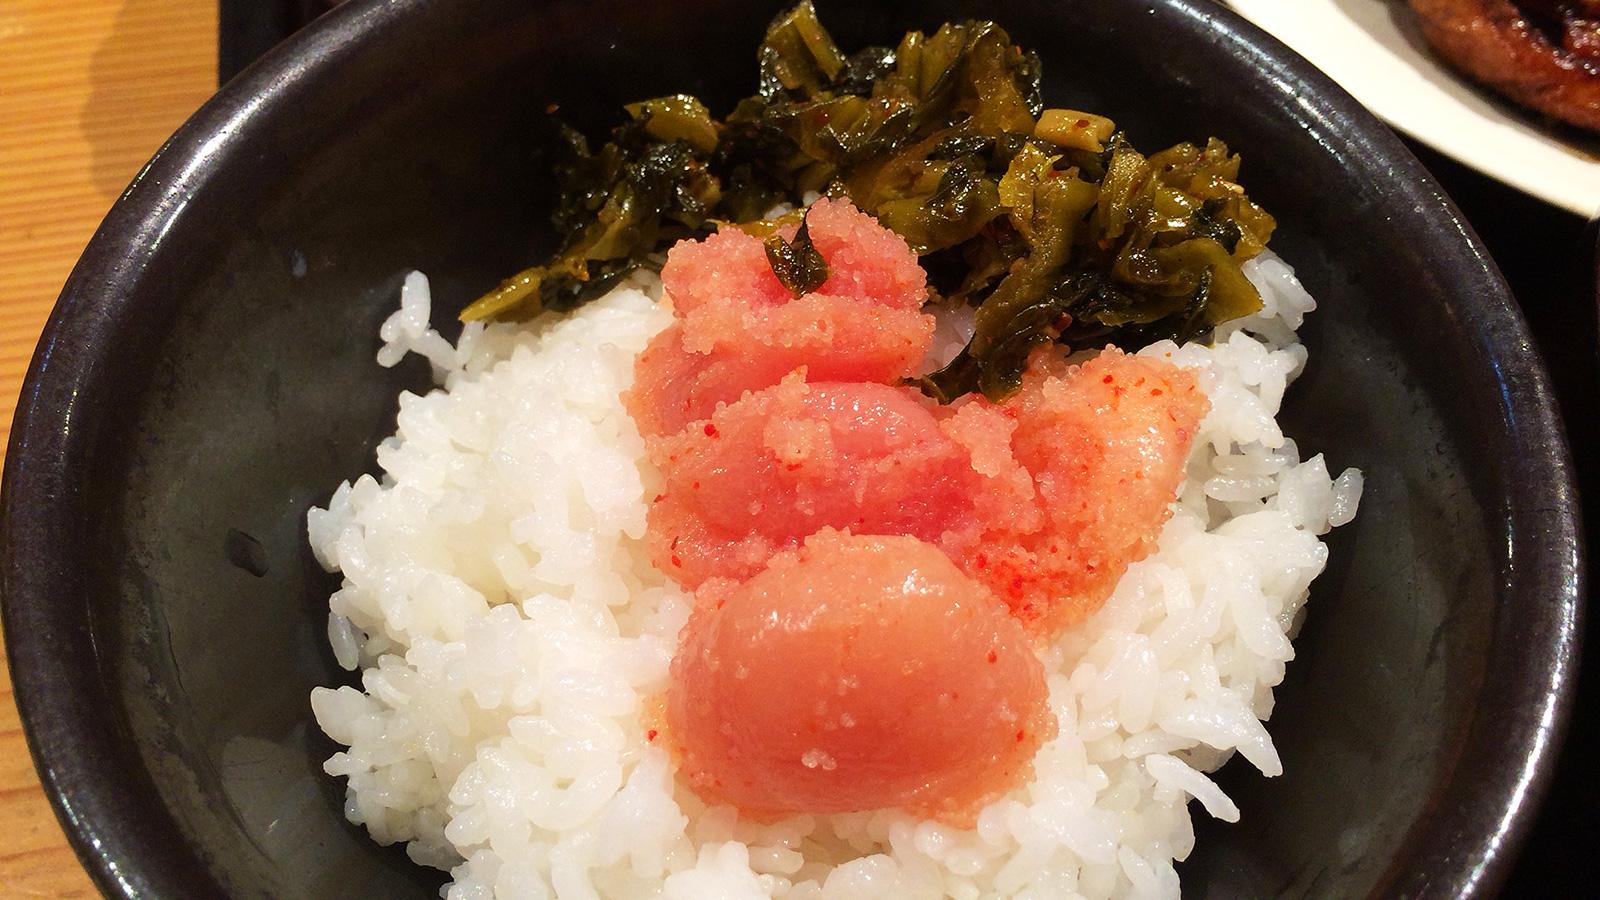 やまや 名古屋栄店の豚しょうが焼き定食